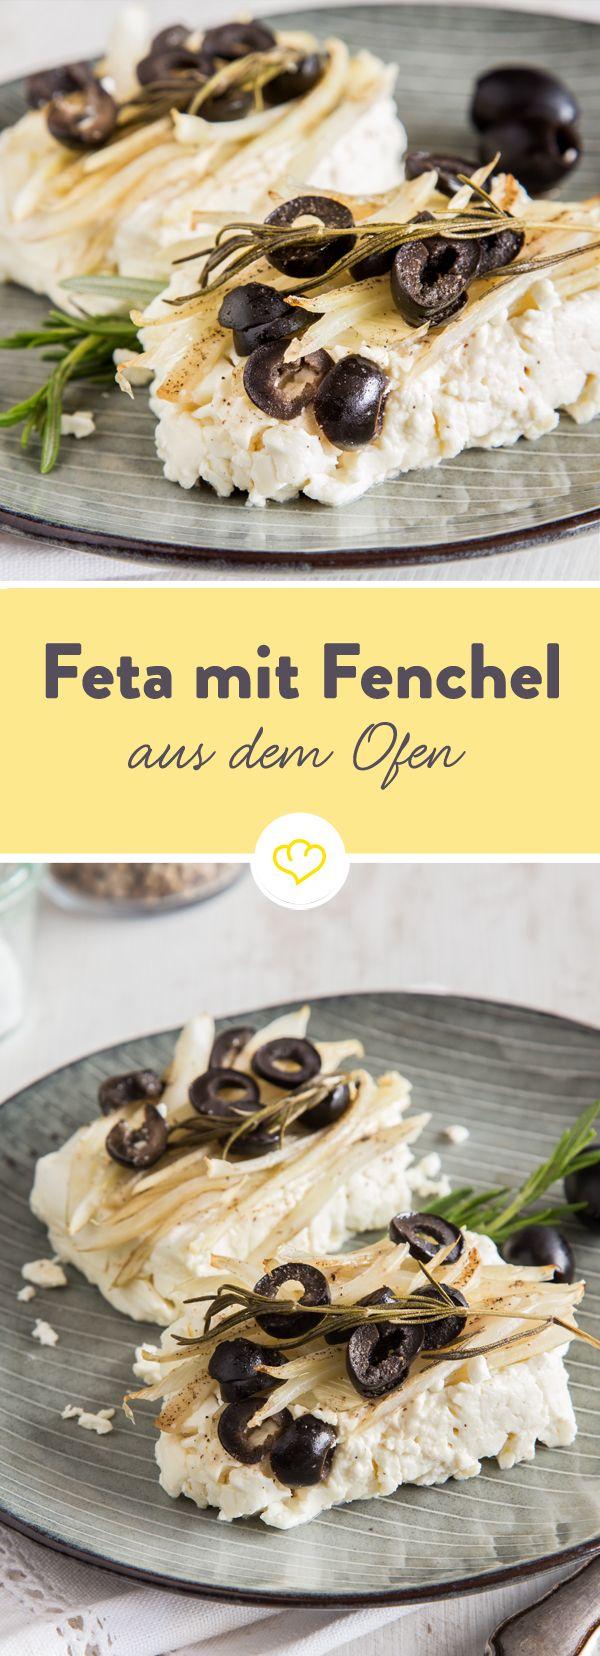 Ruckzuck wandern Feta, Fenchel, Oliven und Kräuter in die Alufolie und wenig später hast du ein leckeres low carb Abendessen auf dem Tisch.